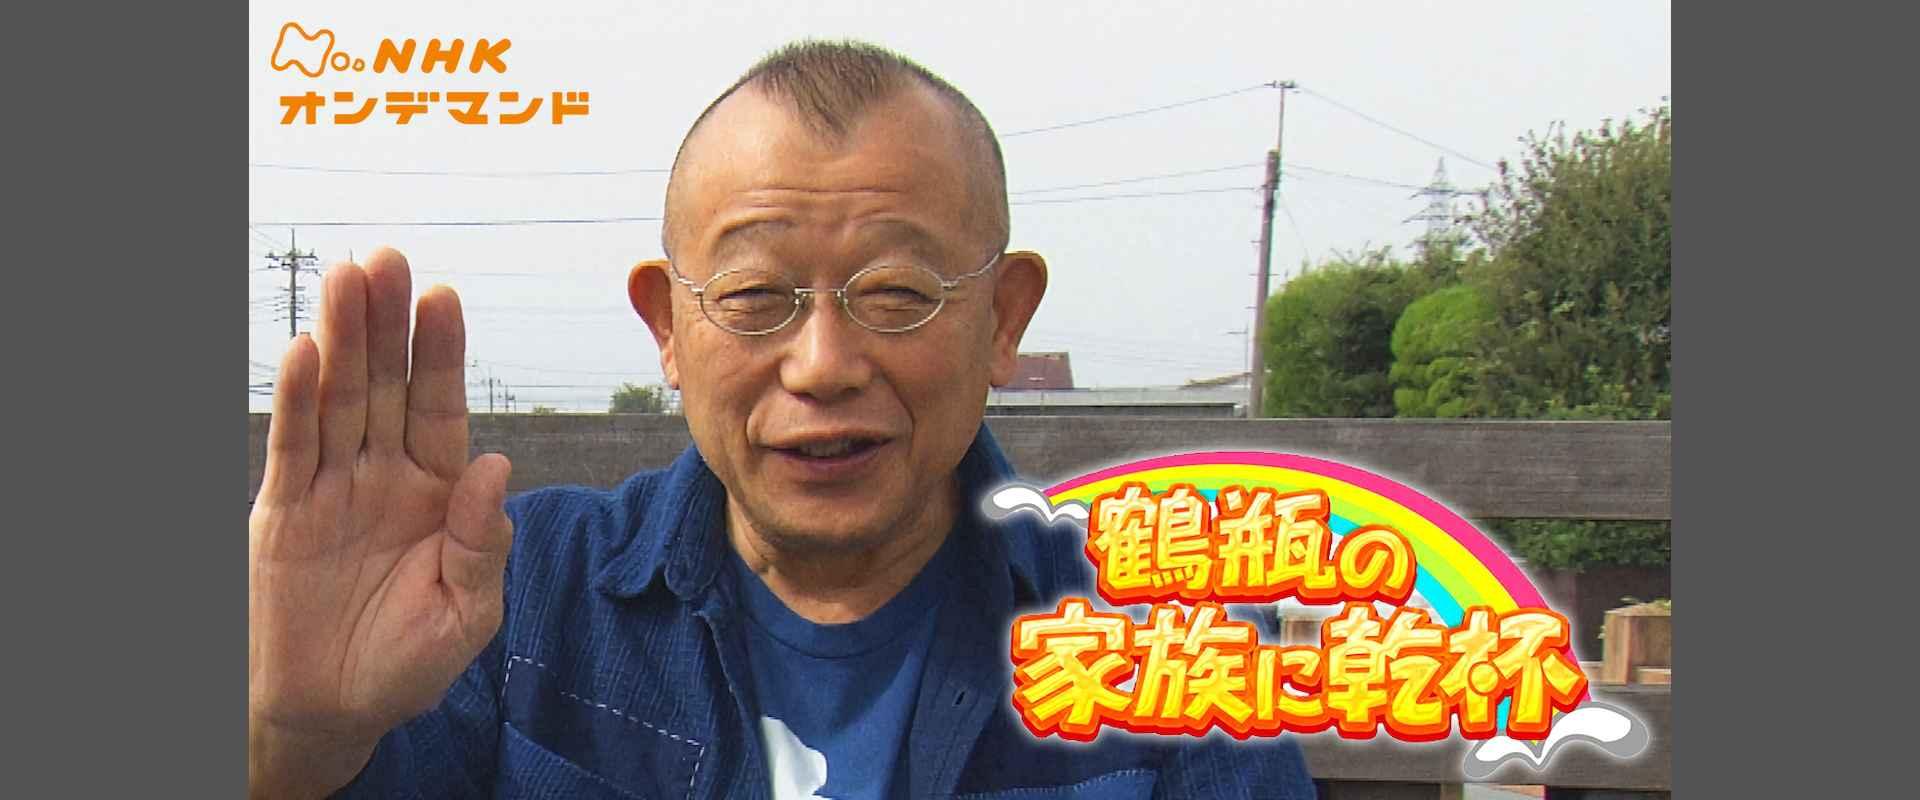 NHK鶴瓶 家族に乾杯(月曜 8時)ですが再放送はあ …